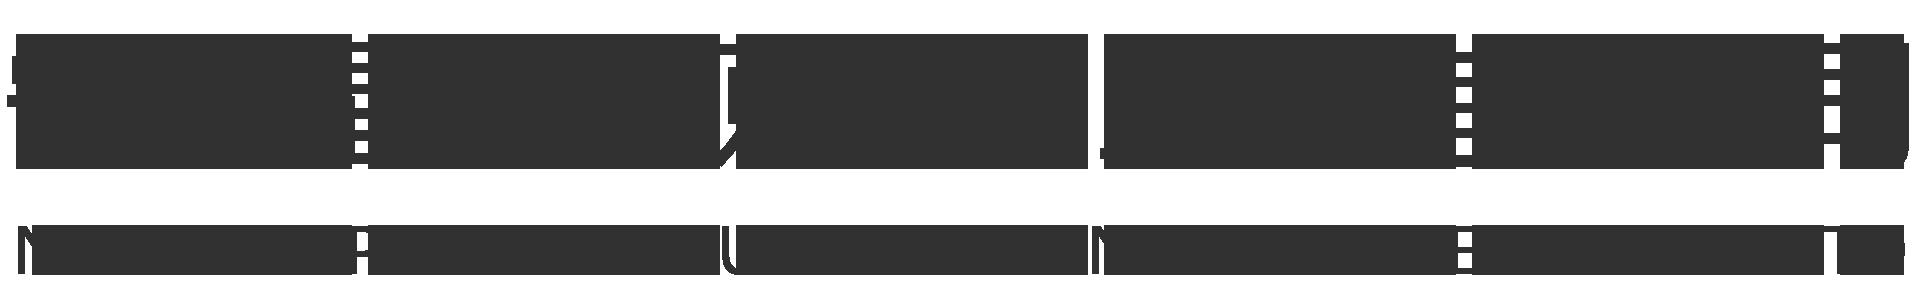 宁夏星火燎原照明工程有限公司